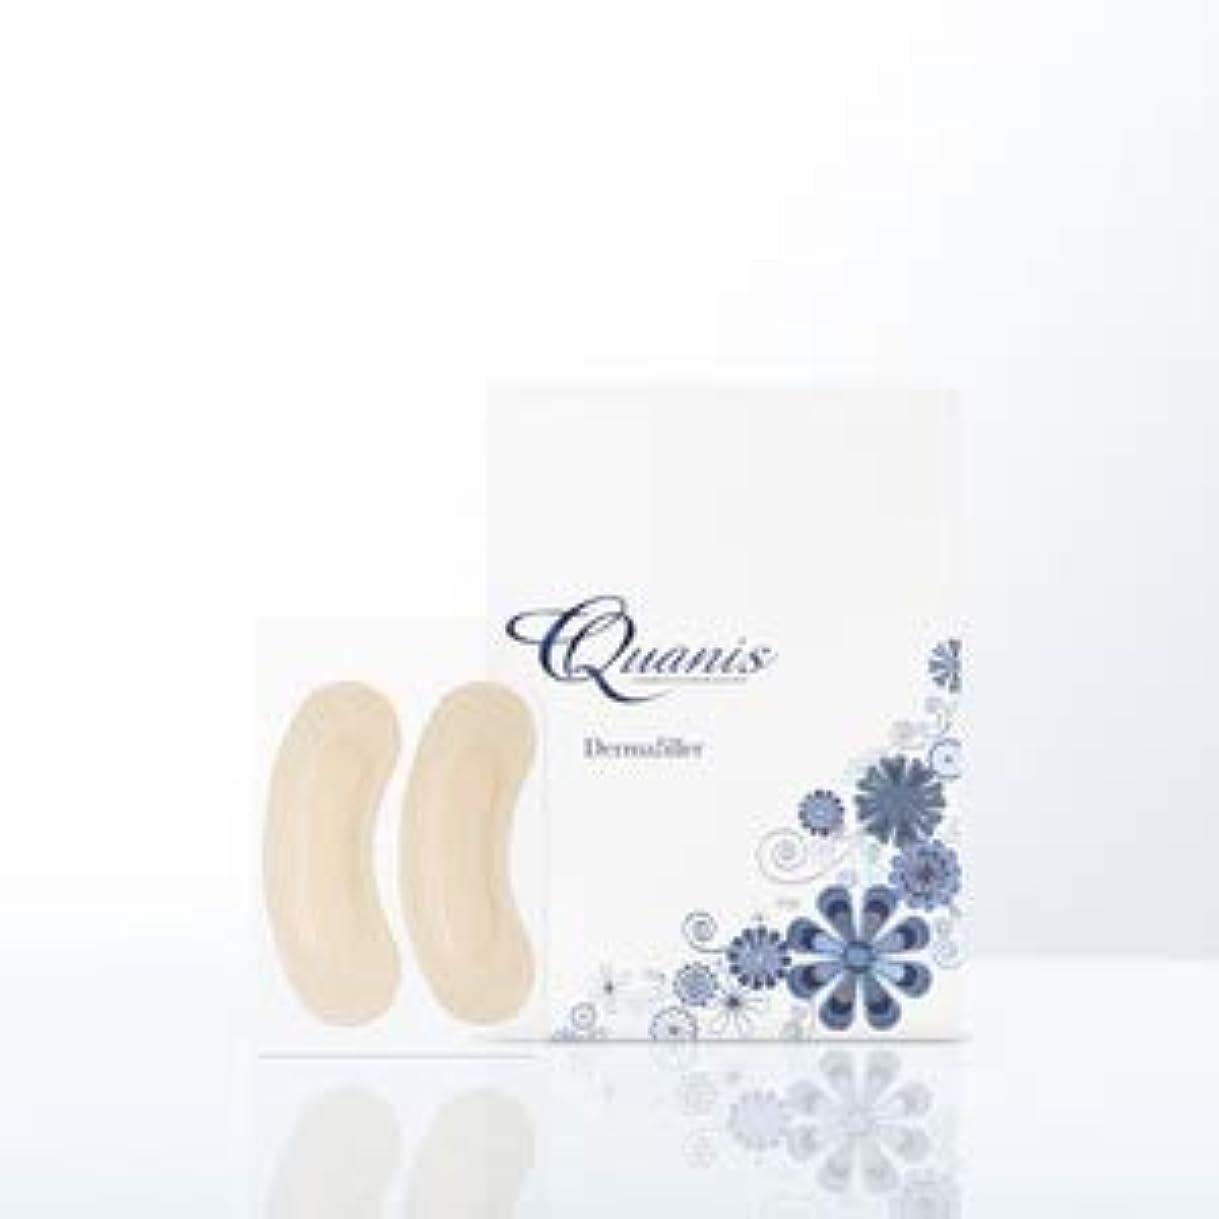 蜂保証する掘る製薬会社が開発 クオニス ダーマフィラー 4セット入り マイクロニードルで肌に直接ヒアルロン酸注入